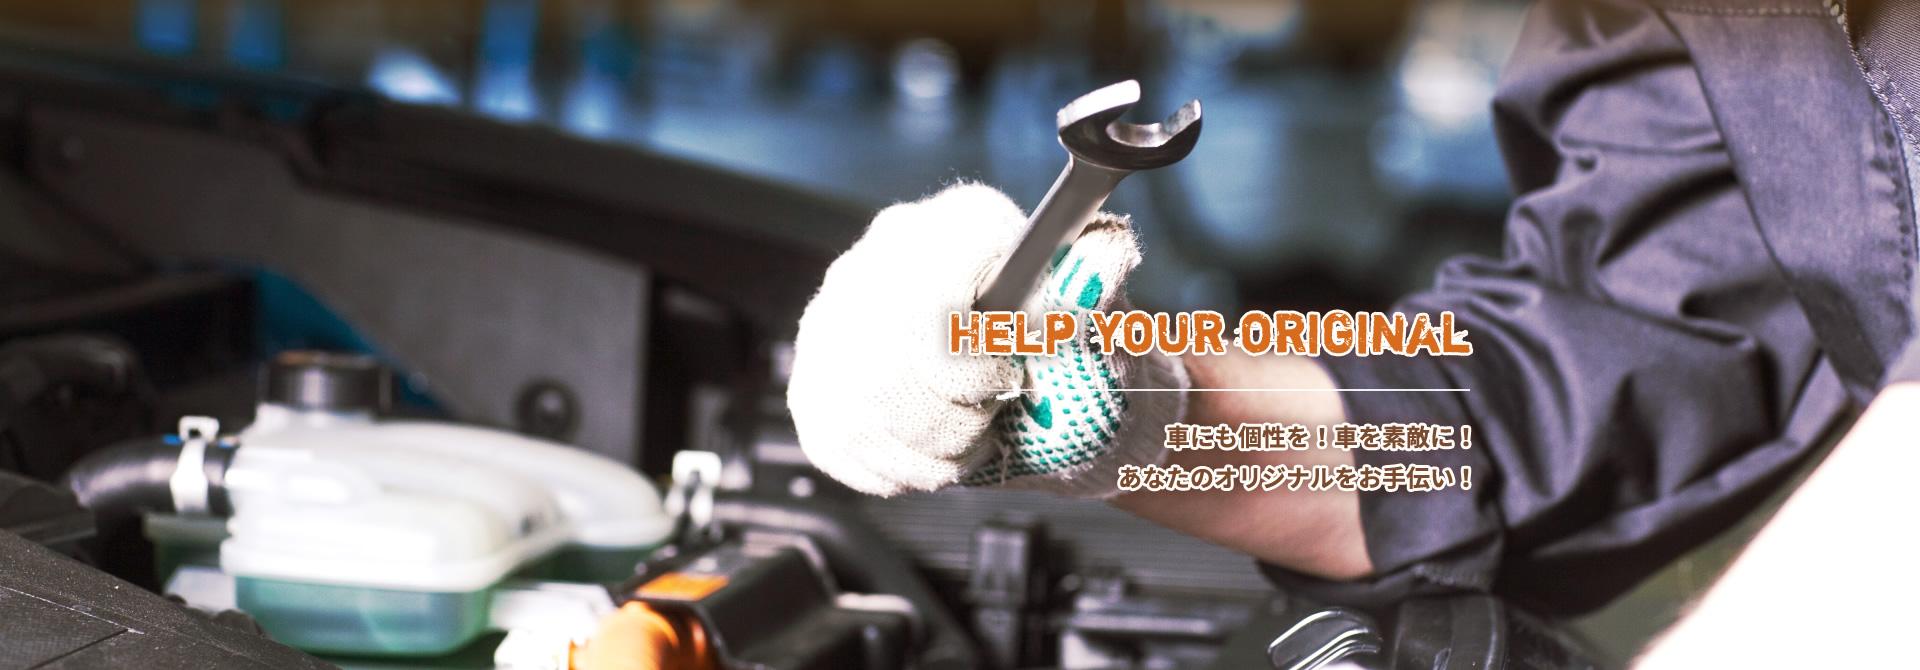 ORIGINALZ AUTO REPAIR&SERVICE